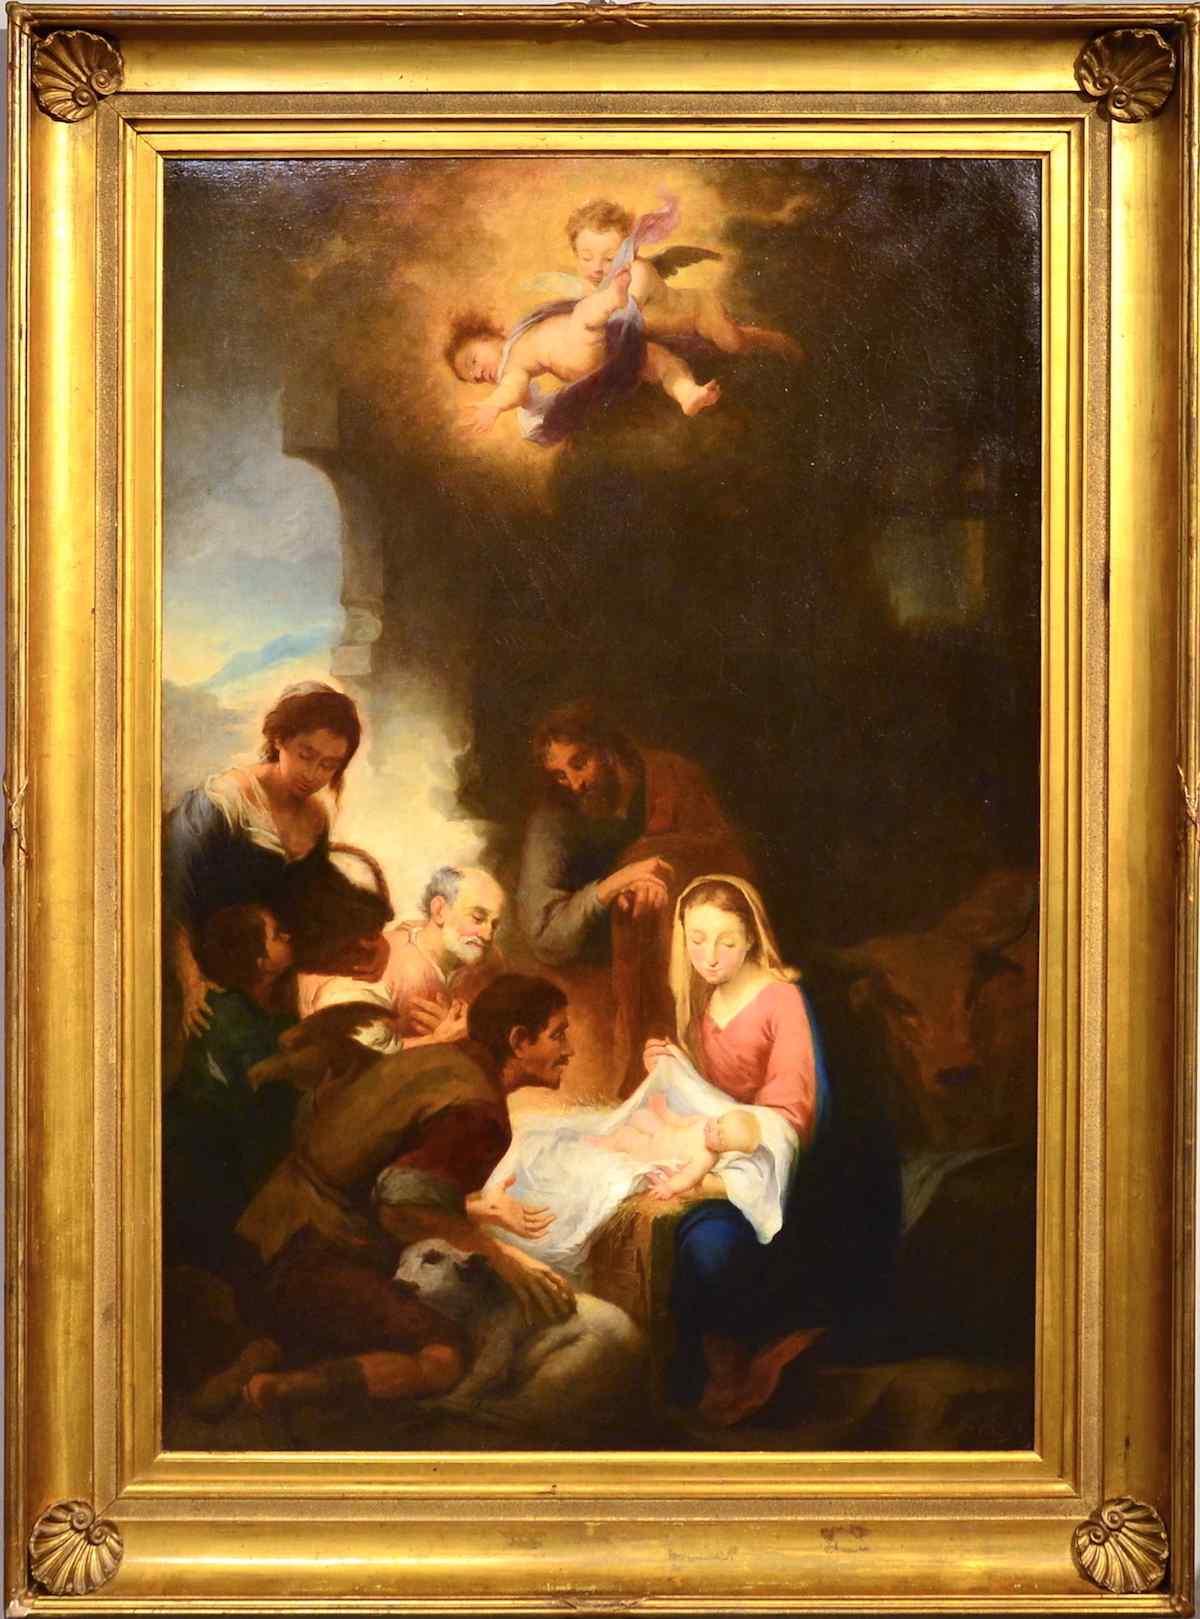 Scuola napoletana, seconda metà del Seicento - La Natività